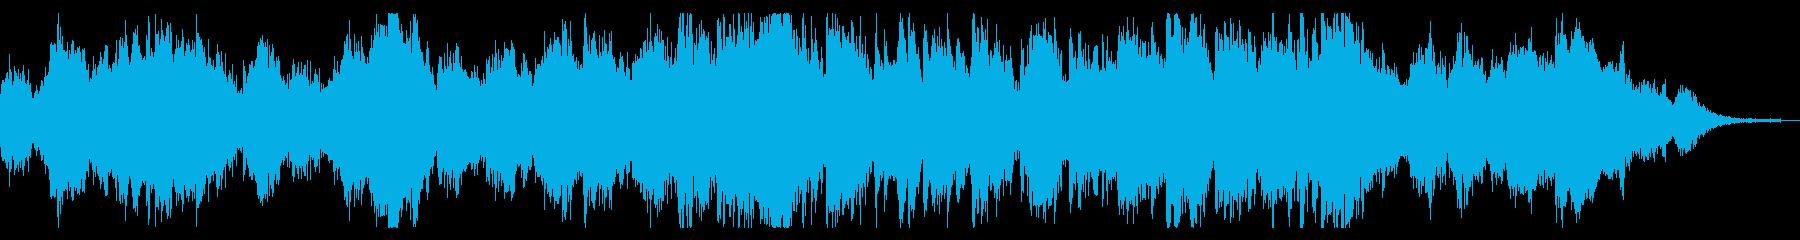 壮大なシネマトレーラーの再生済みの波形